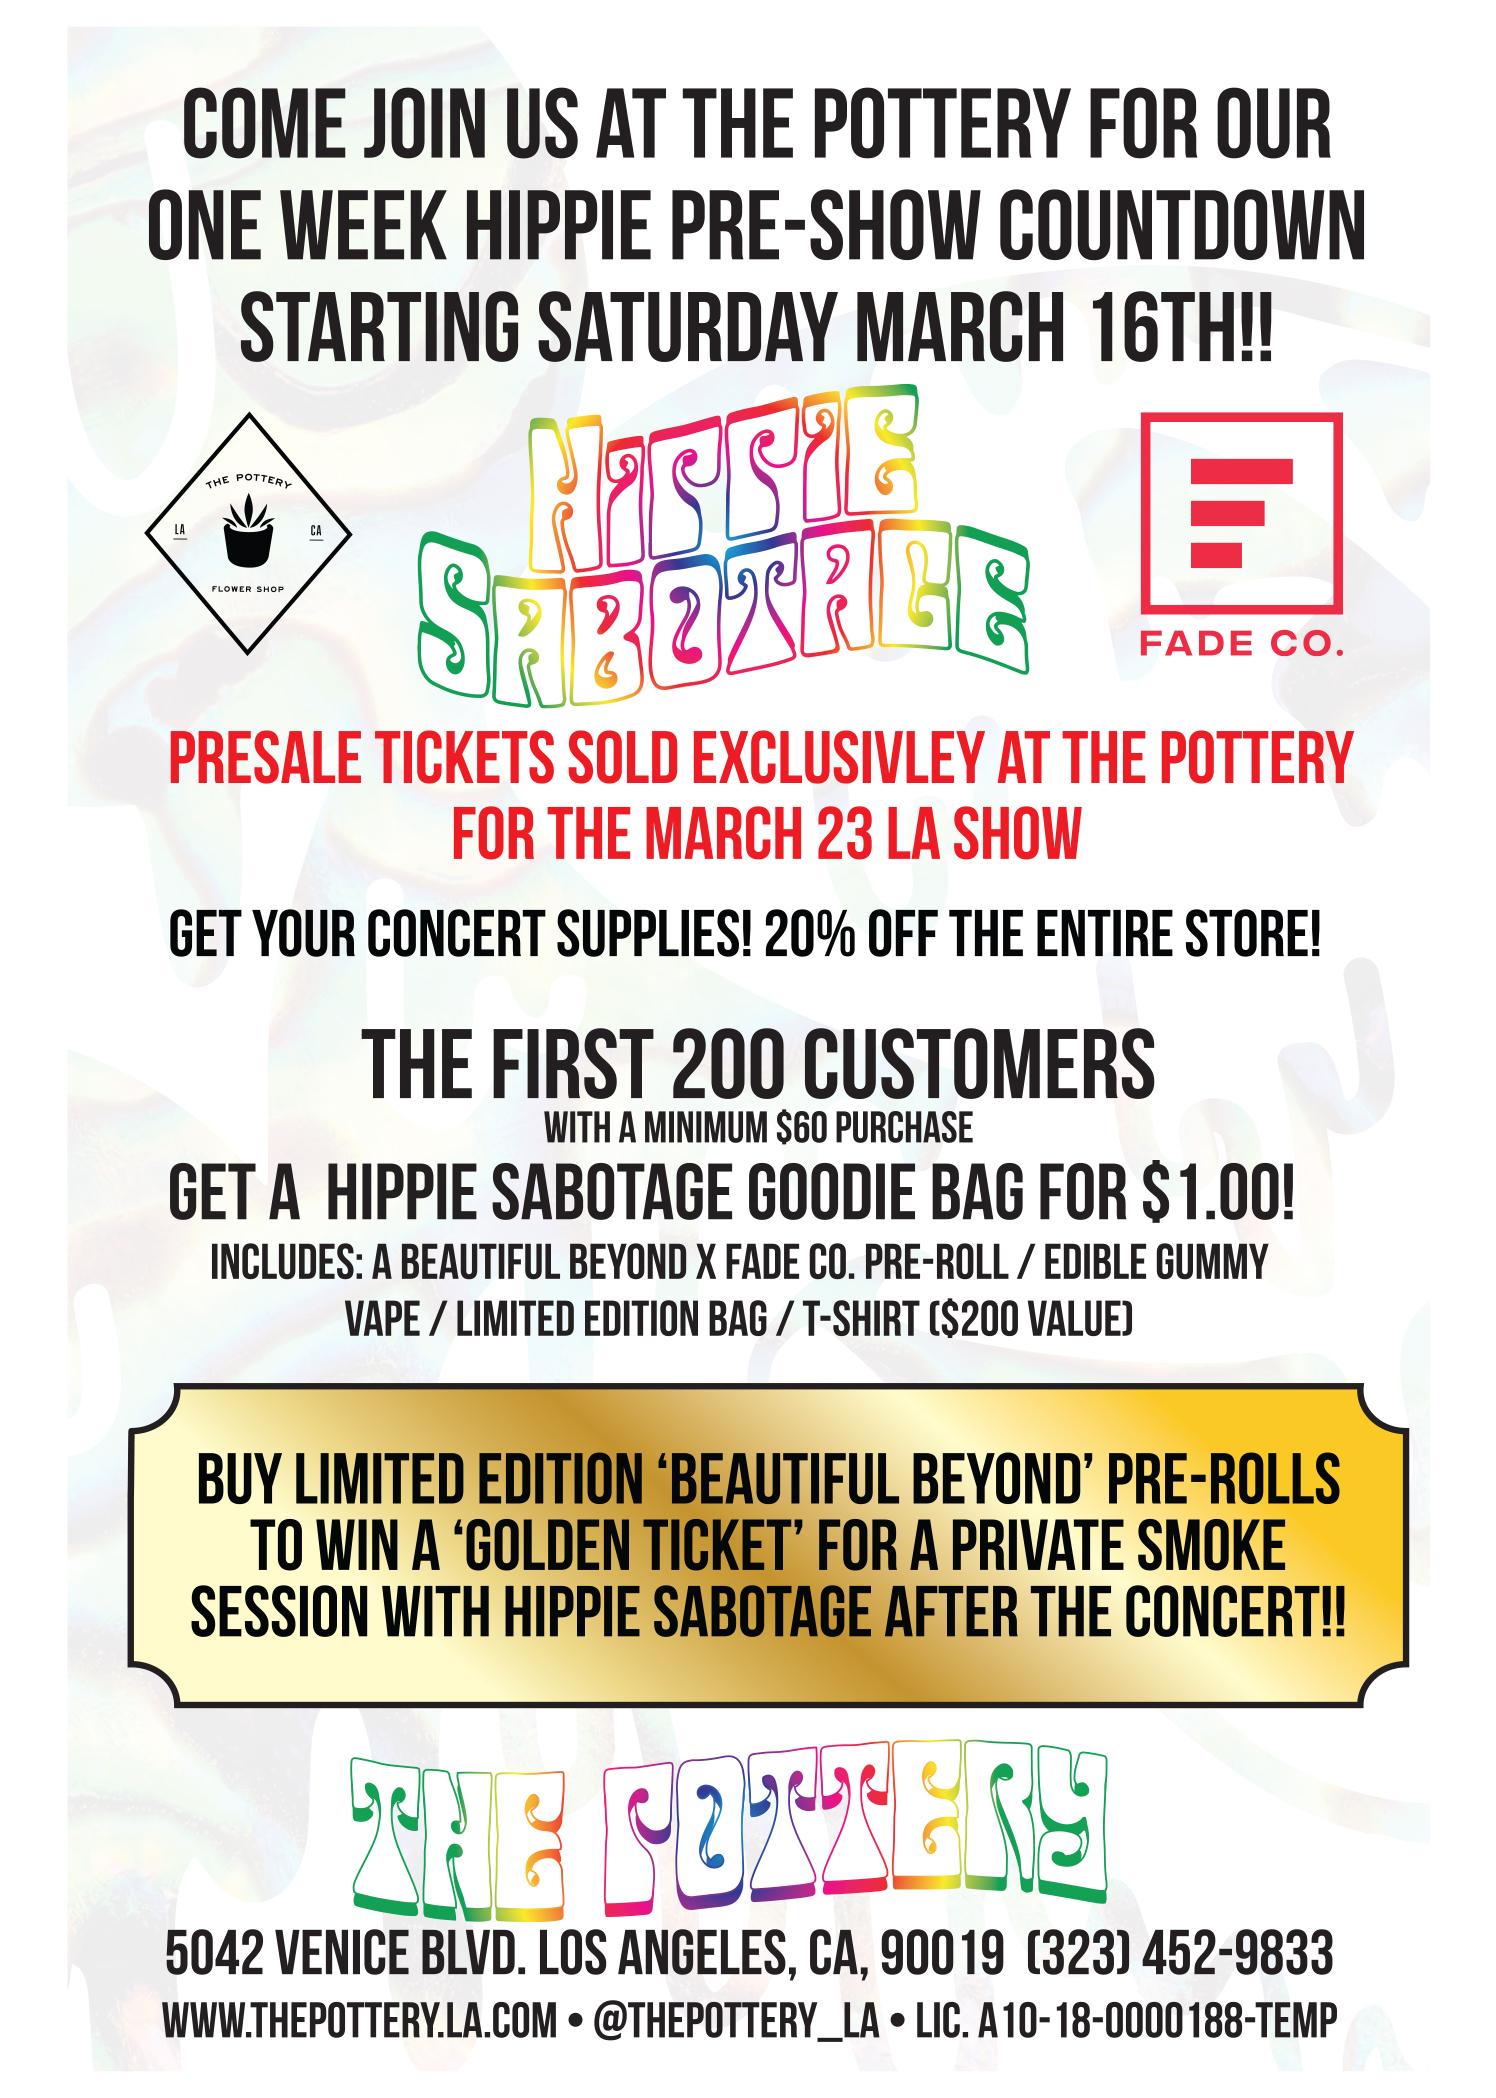 2-7-19 hippie sabotage 5x7-2.jpg